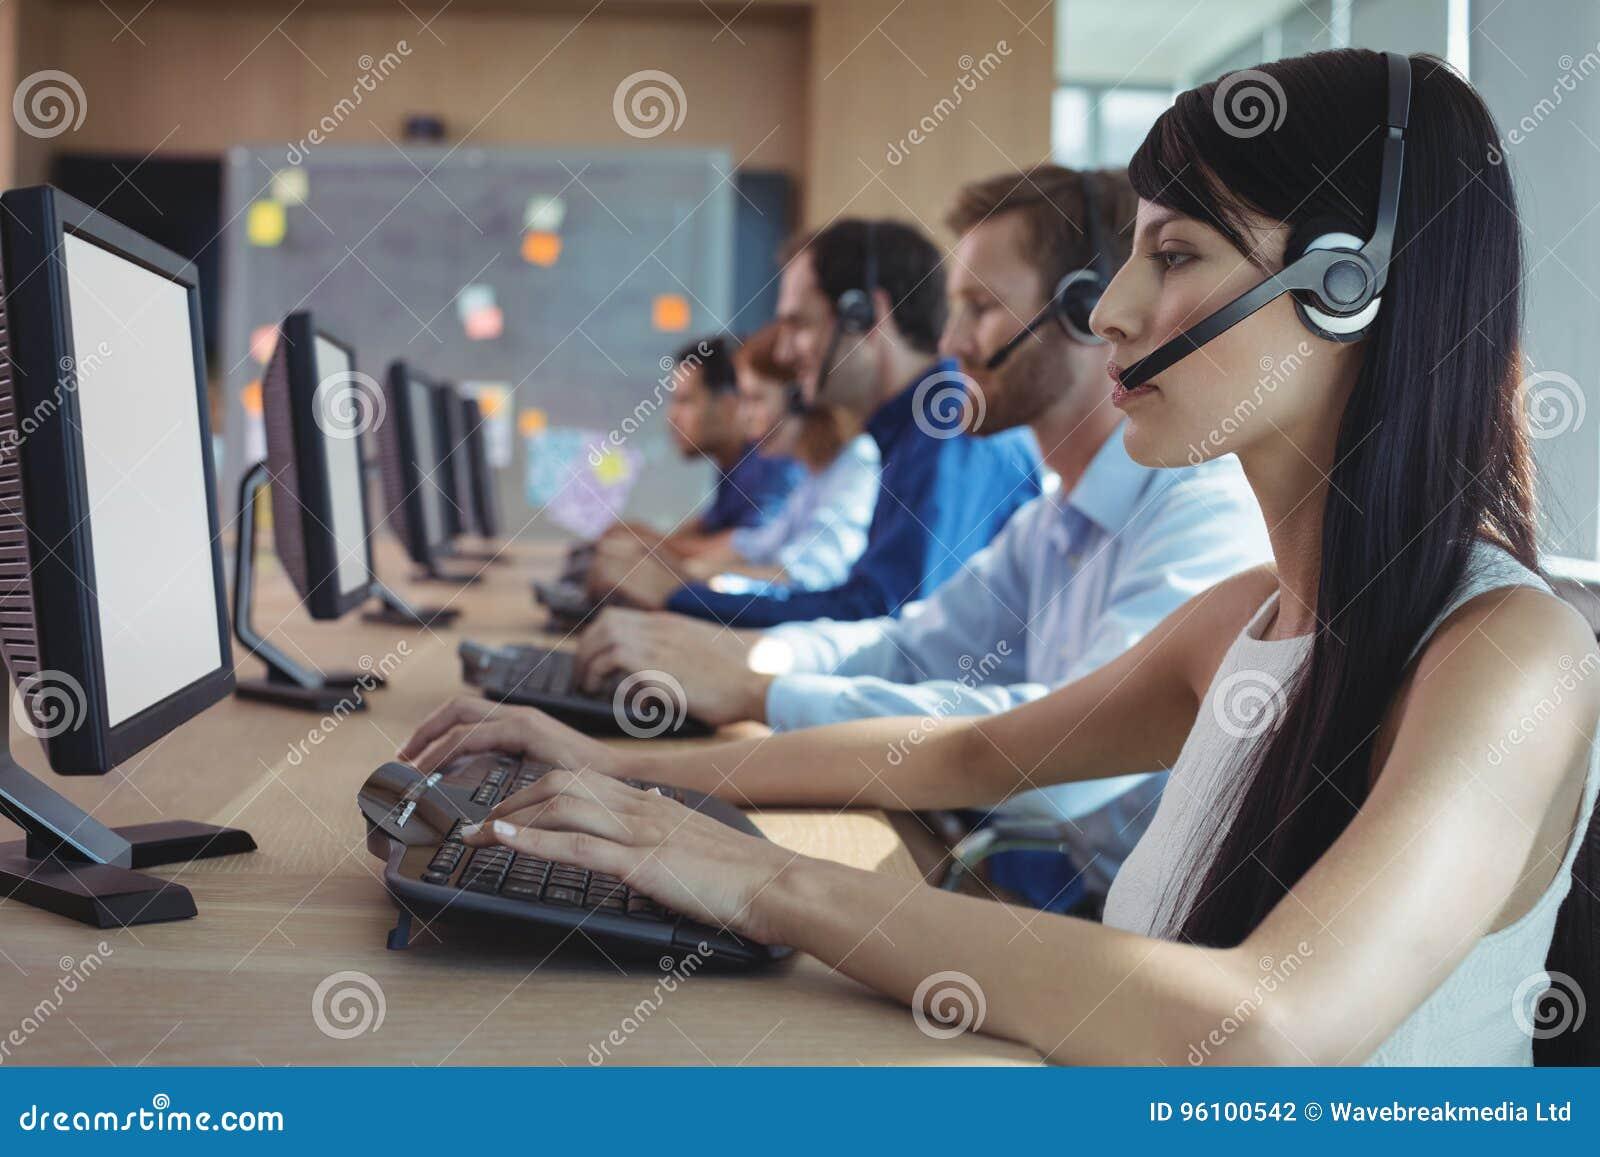 Zijaanzicht van onderneemster het typen op toetsenbord op call centre